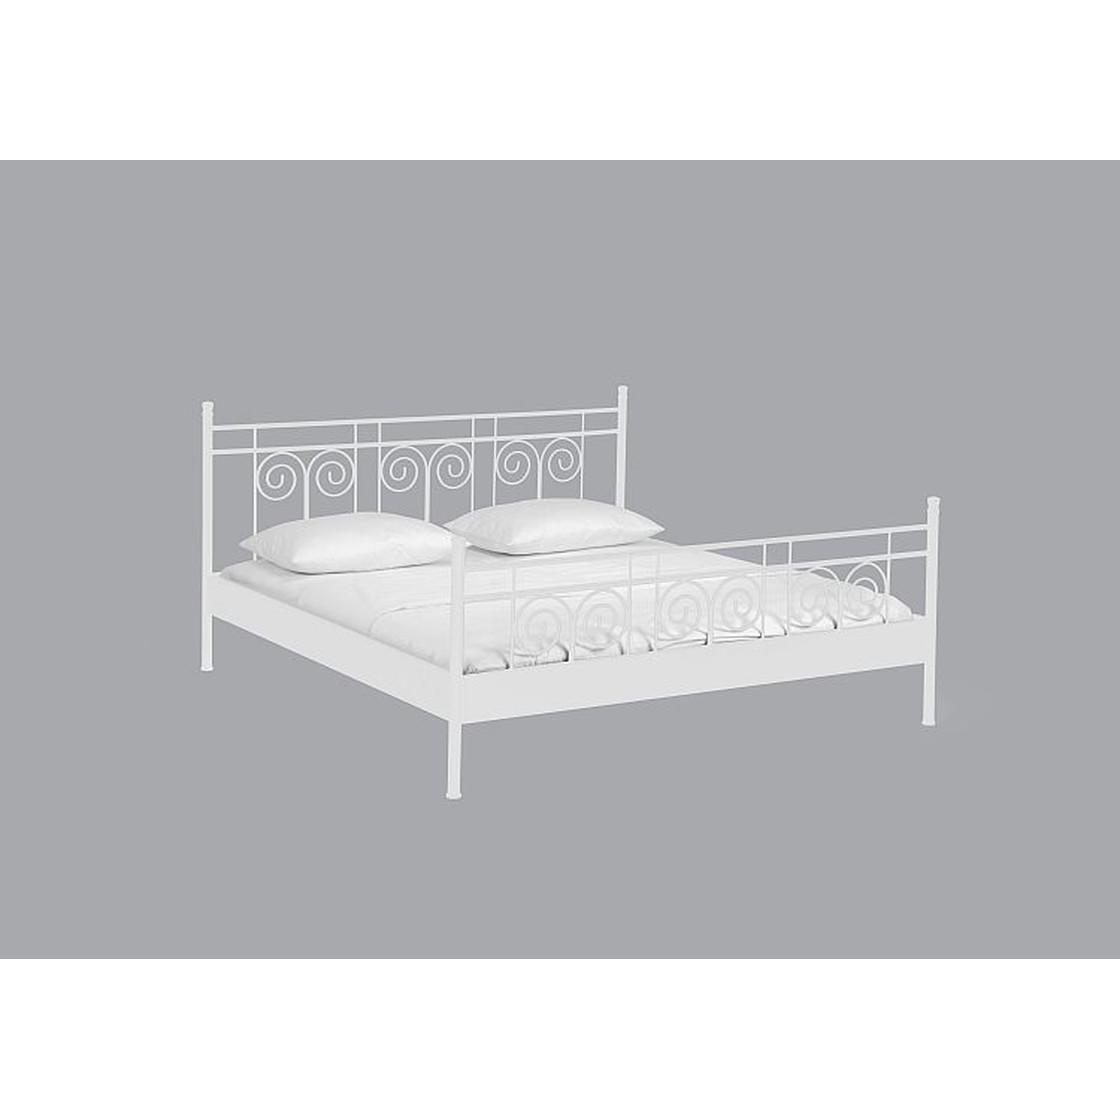 Full Size of Dico Metallbett Einzelbett Doppelbett Iris 21200 Bett Weiß 100x200 Betten Wohnzimmer Metallbett 100x200